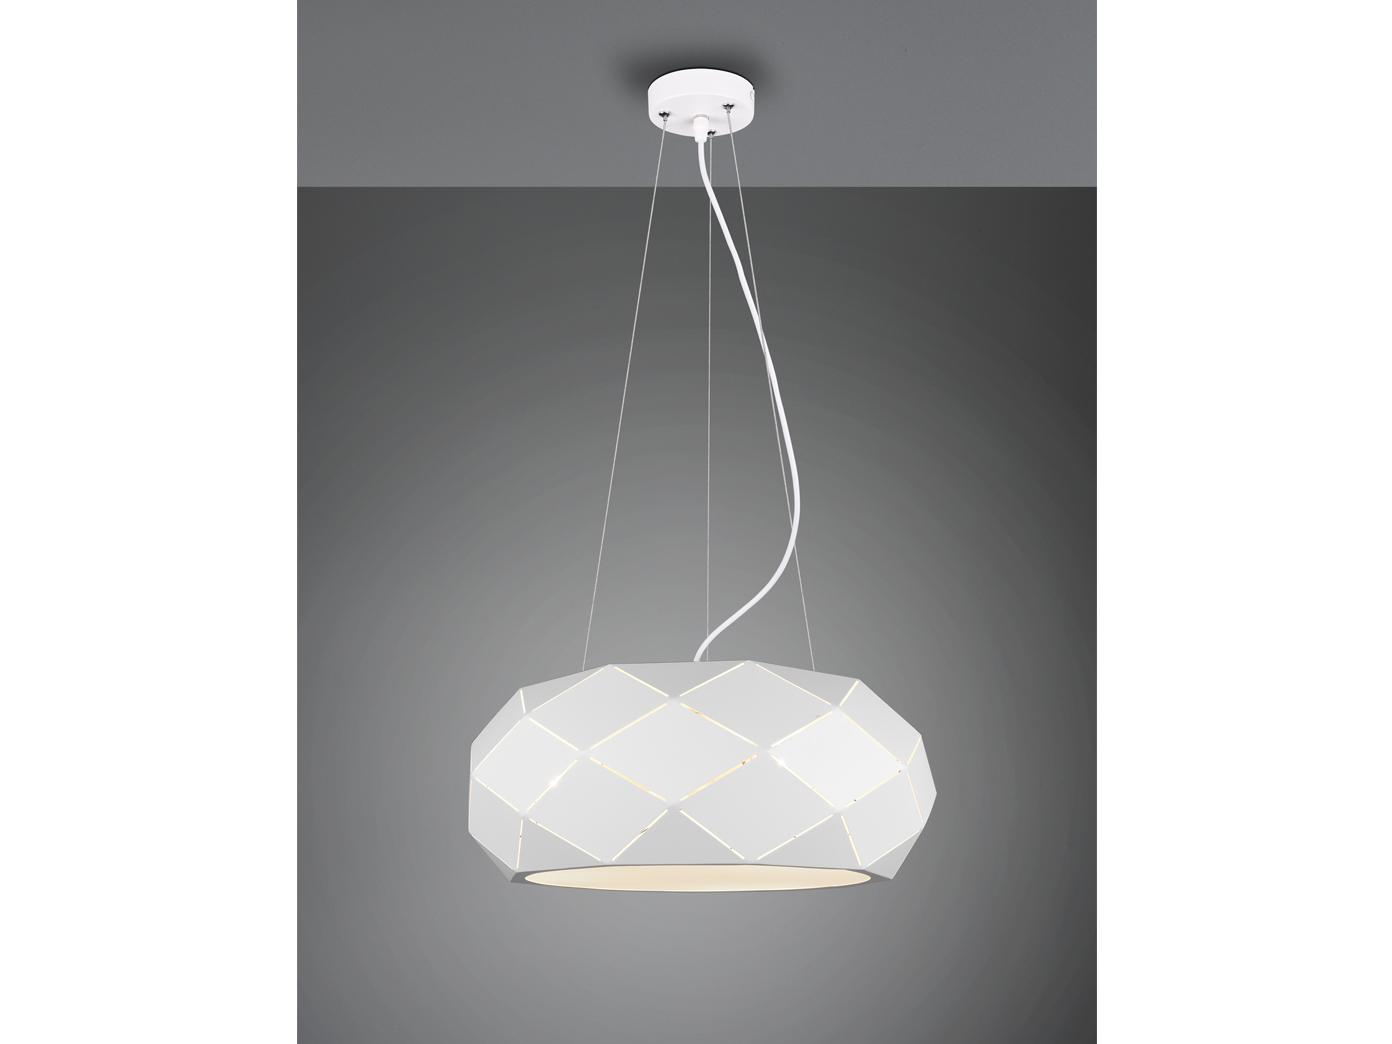 Geometrische LED Pendelleuchten, Lampen hängend über Wohnzimmer Couchtisch  rund